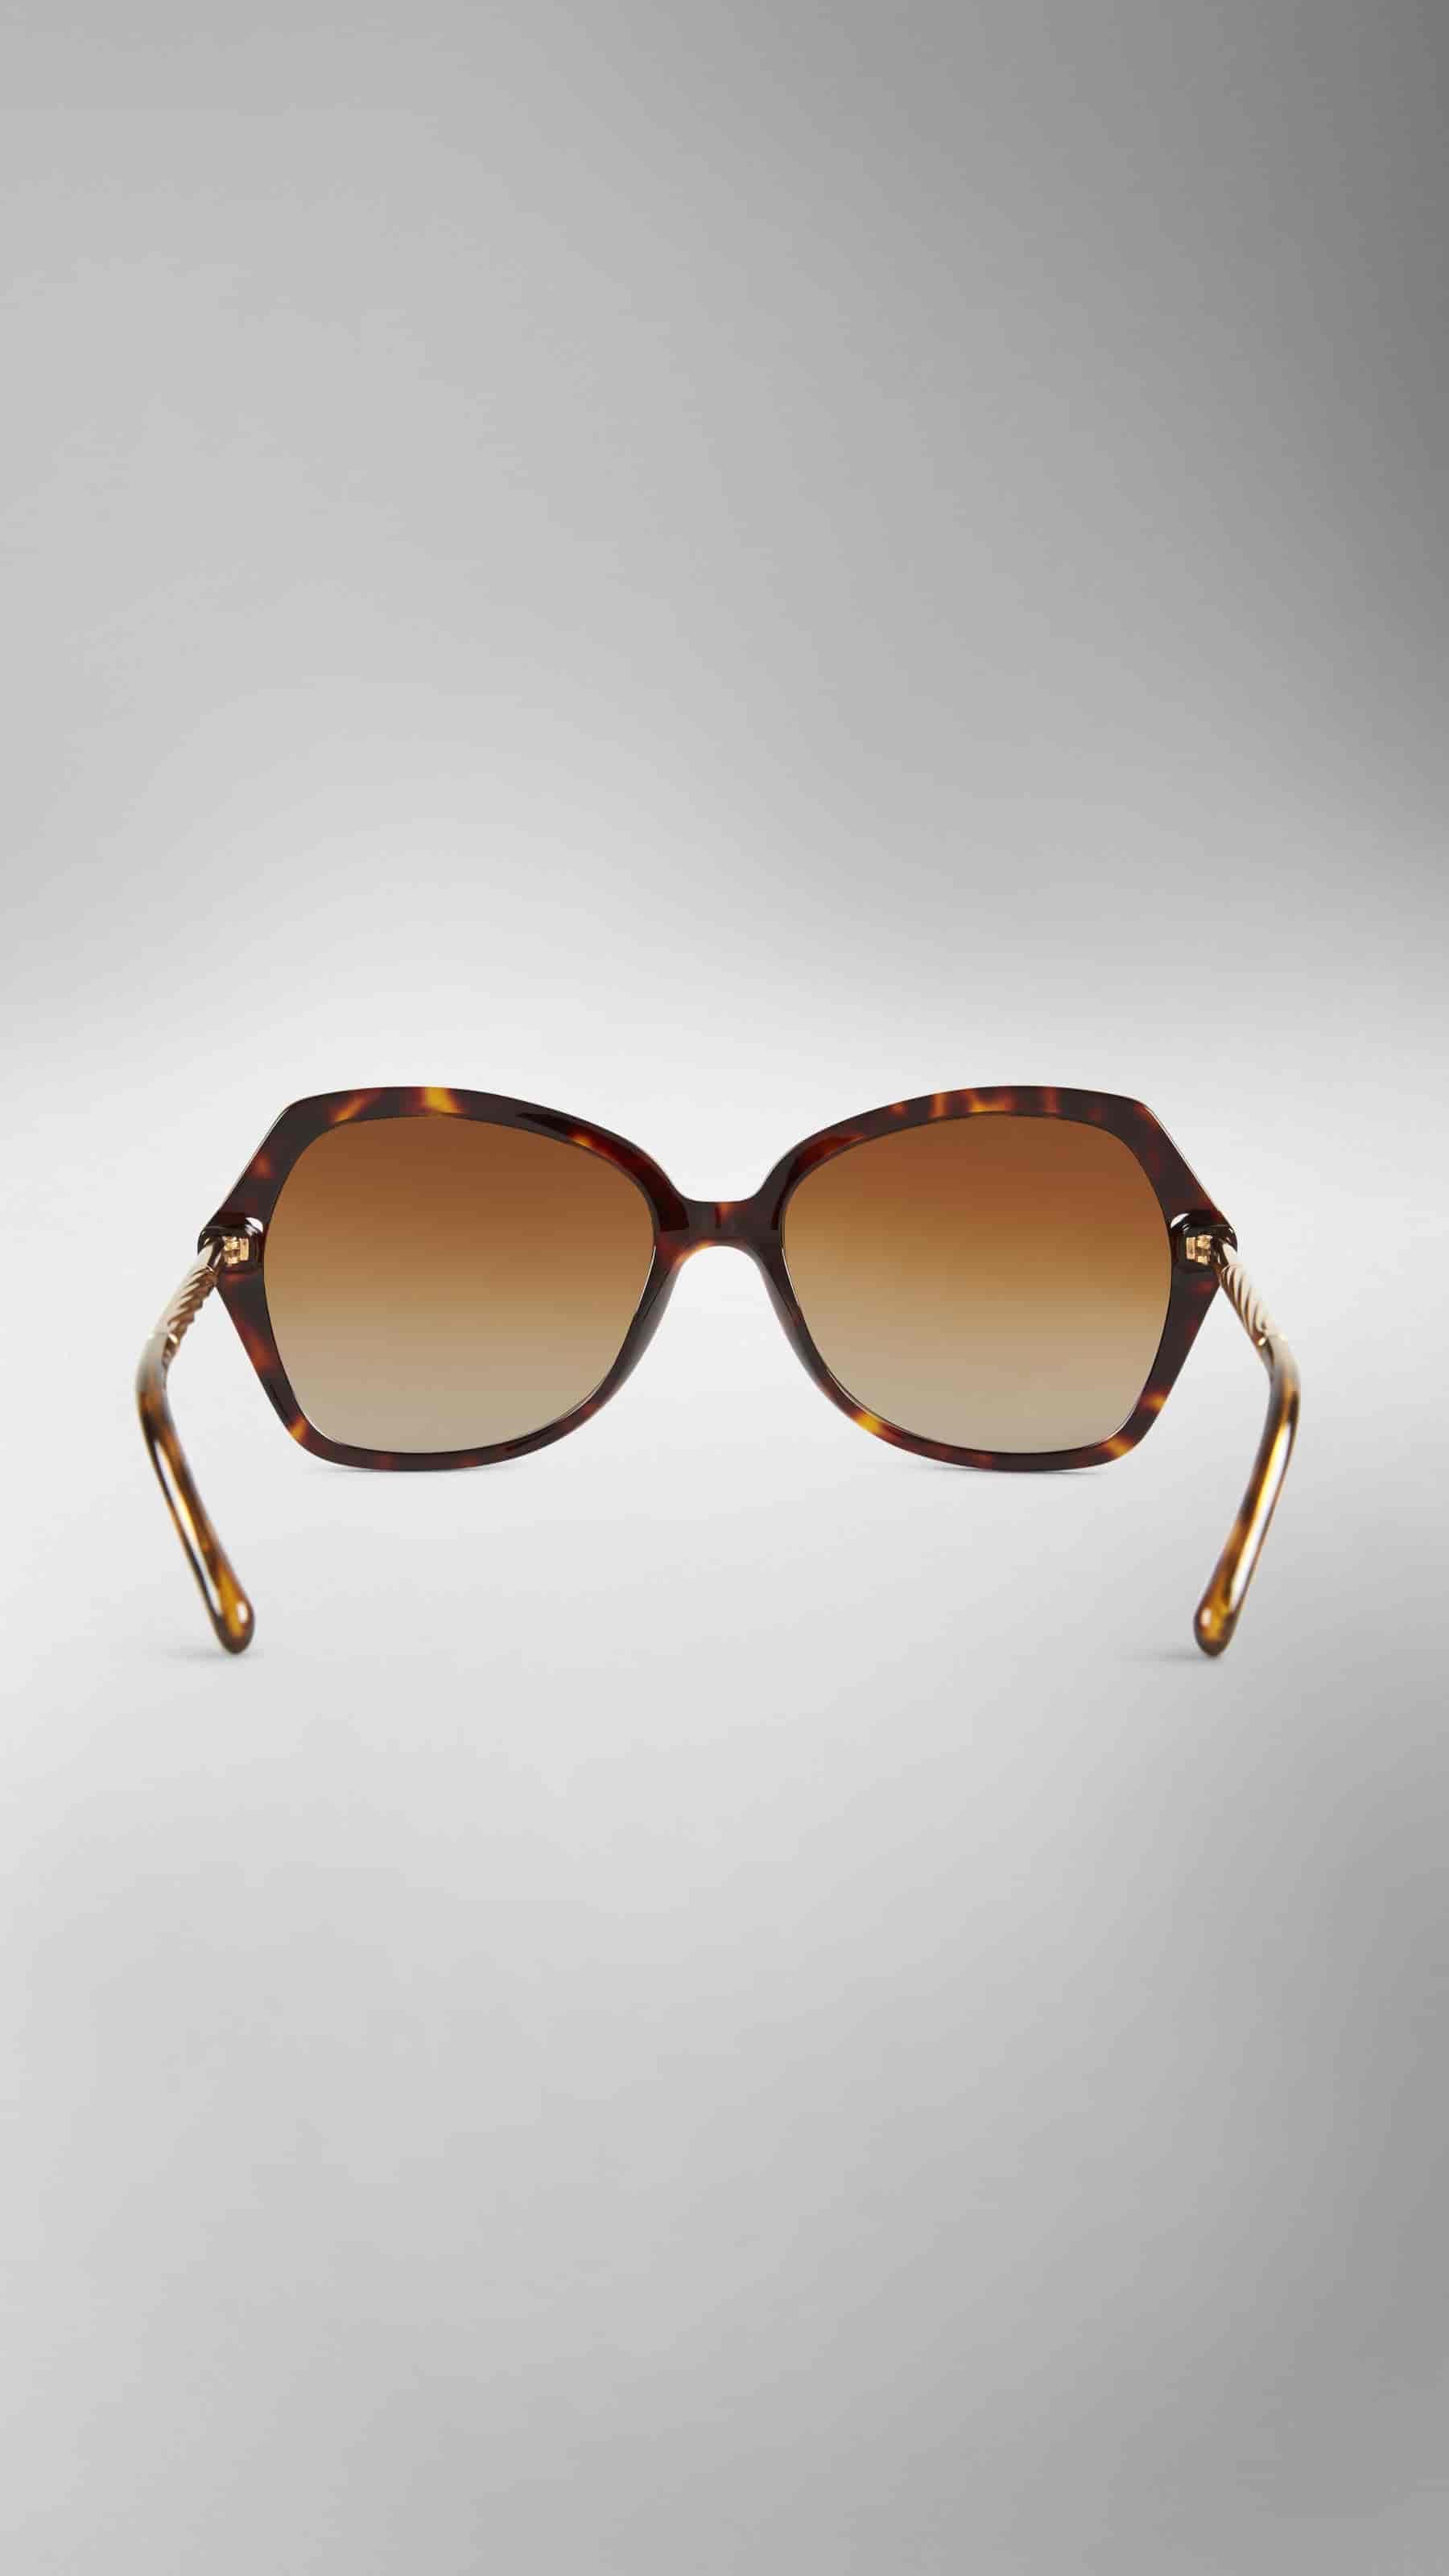 burberry glasses womens plxx  Burberry Gabardine Collection Oversize Square Frame Women Sunglasses  Tortoiseshell [39736561]